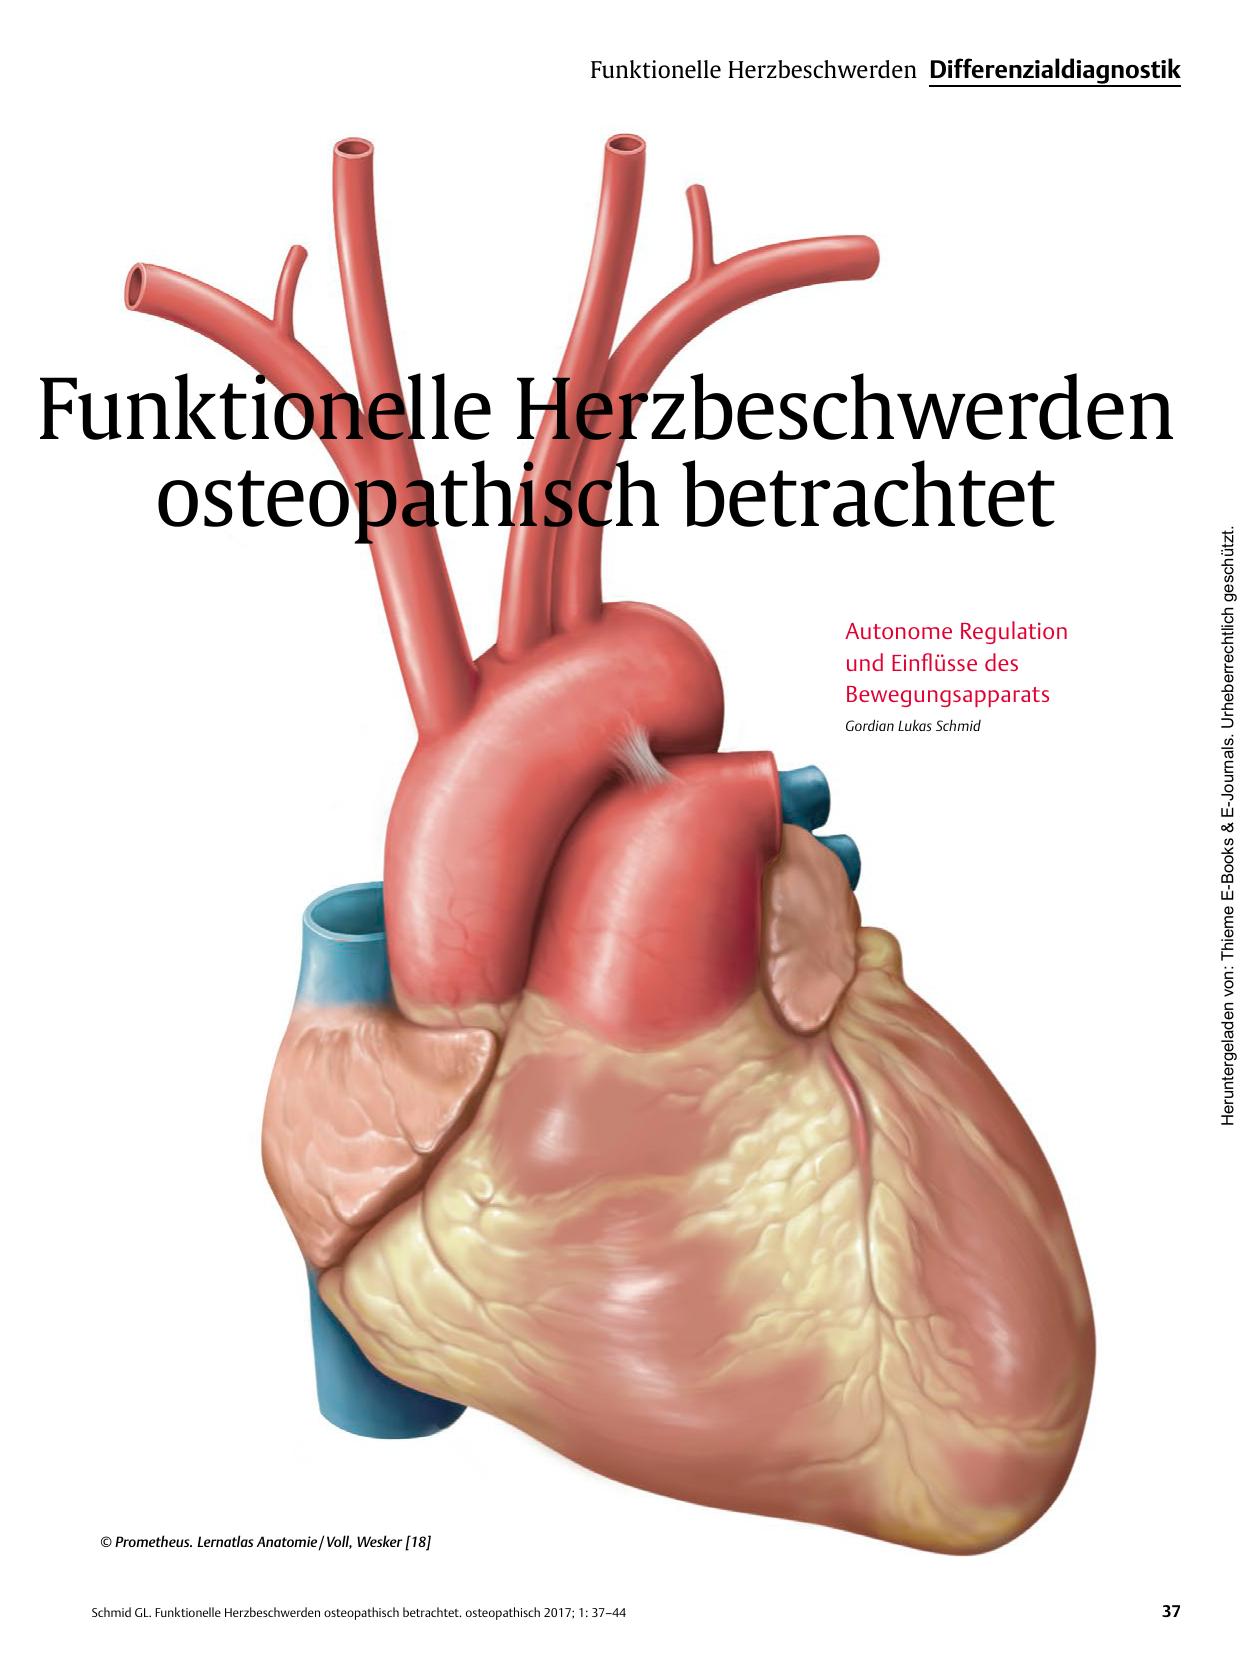 Funktionelle Herzbeschwerden osteopathisch